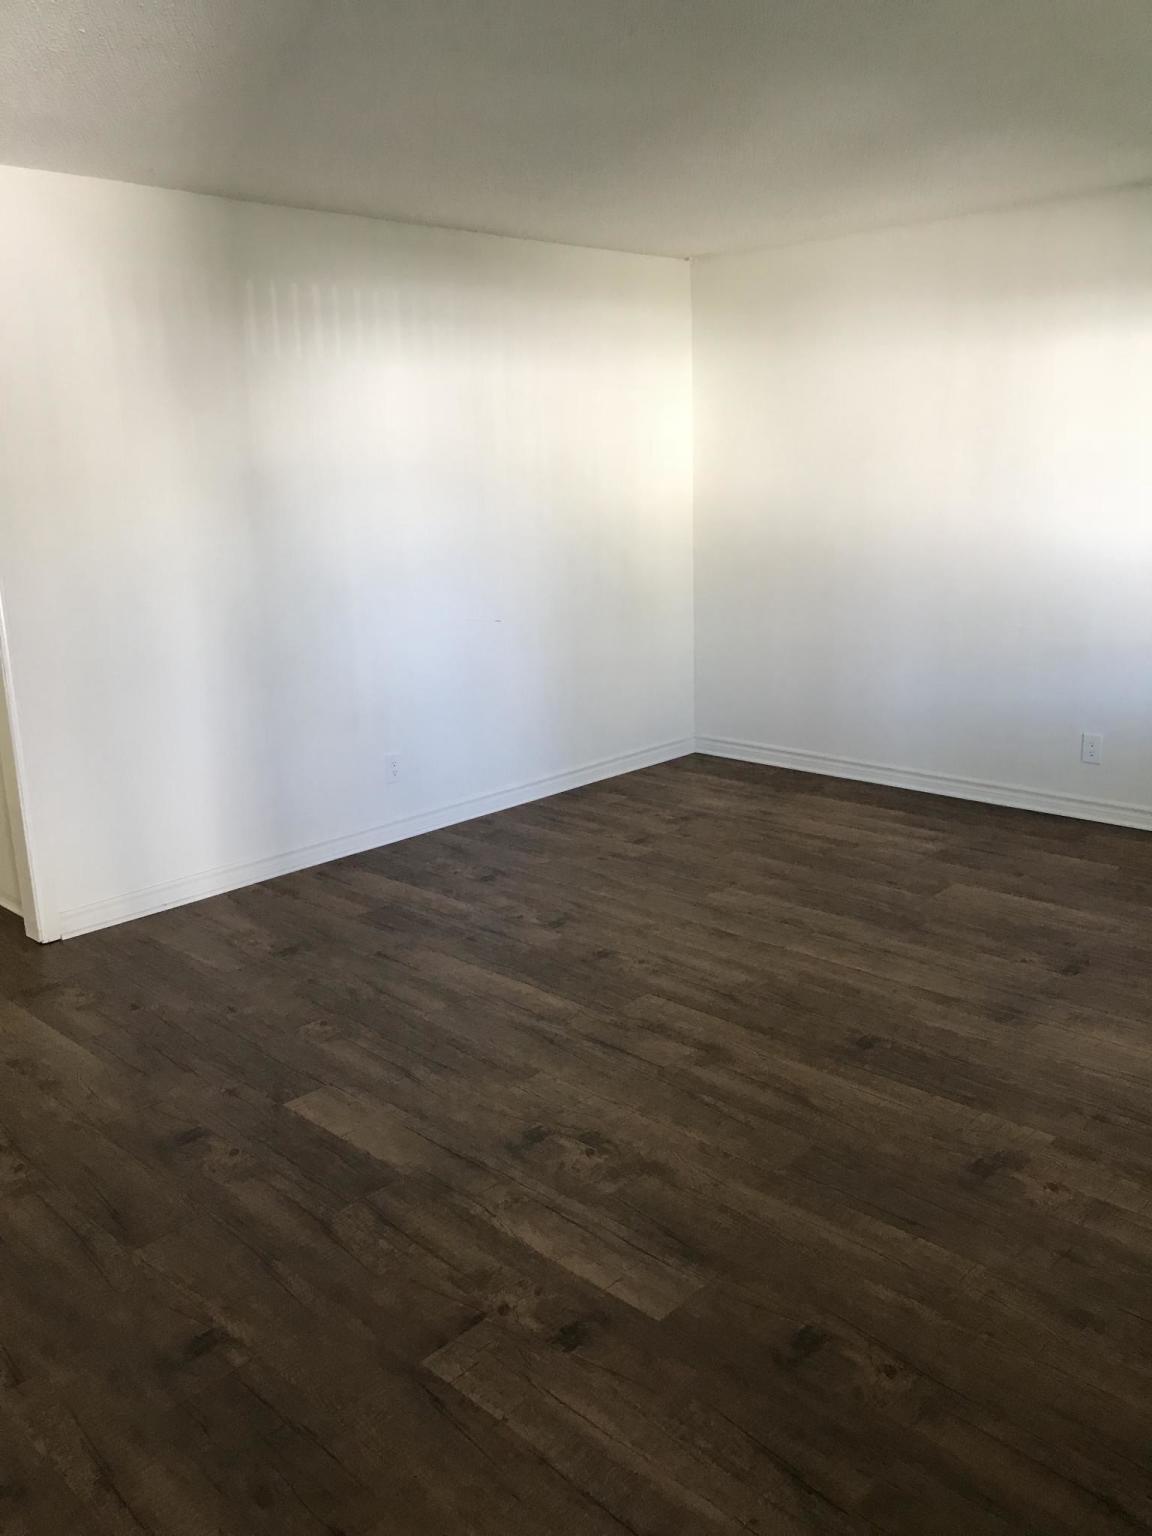 7051 Cerritos Ave, Stanton, CA 90680 For Rent   Trulia